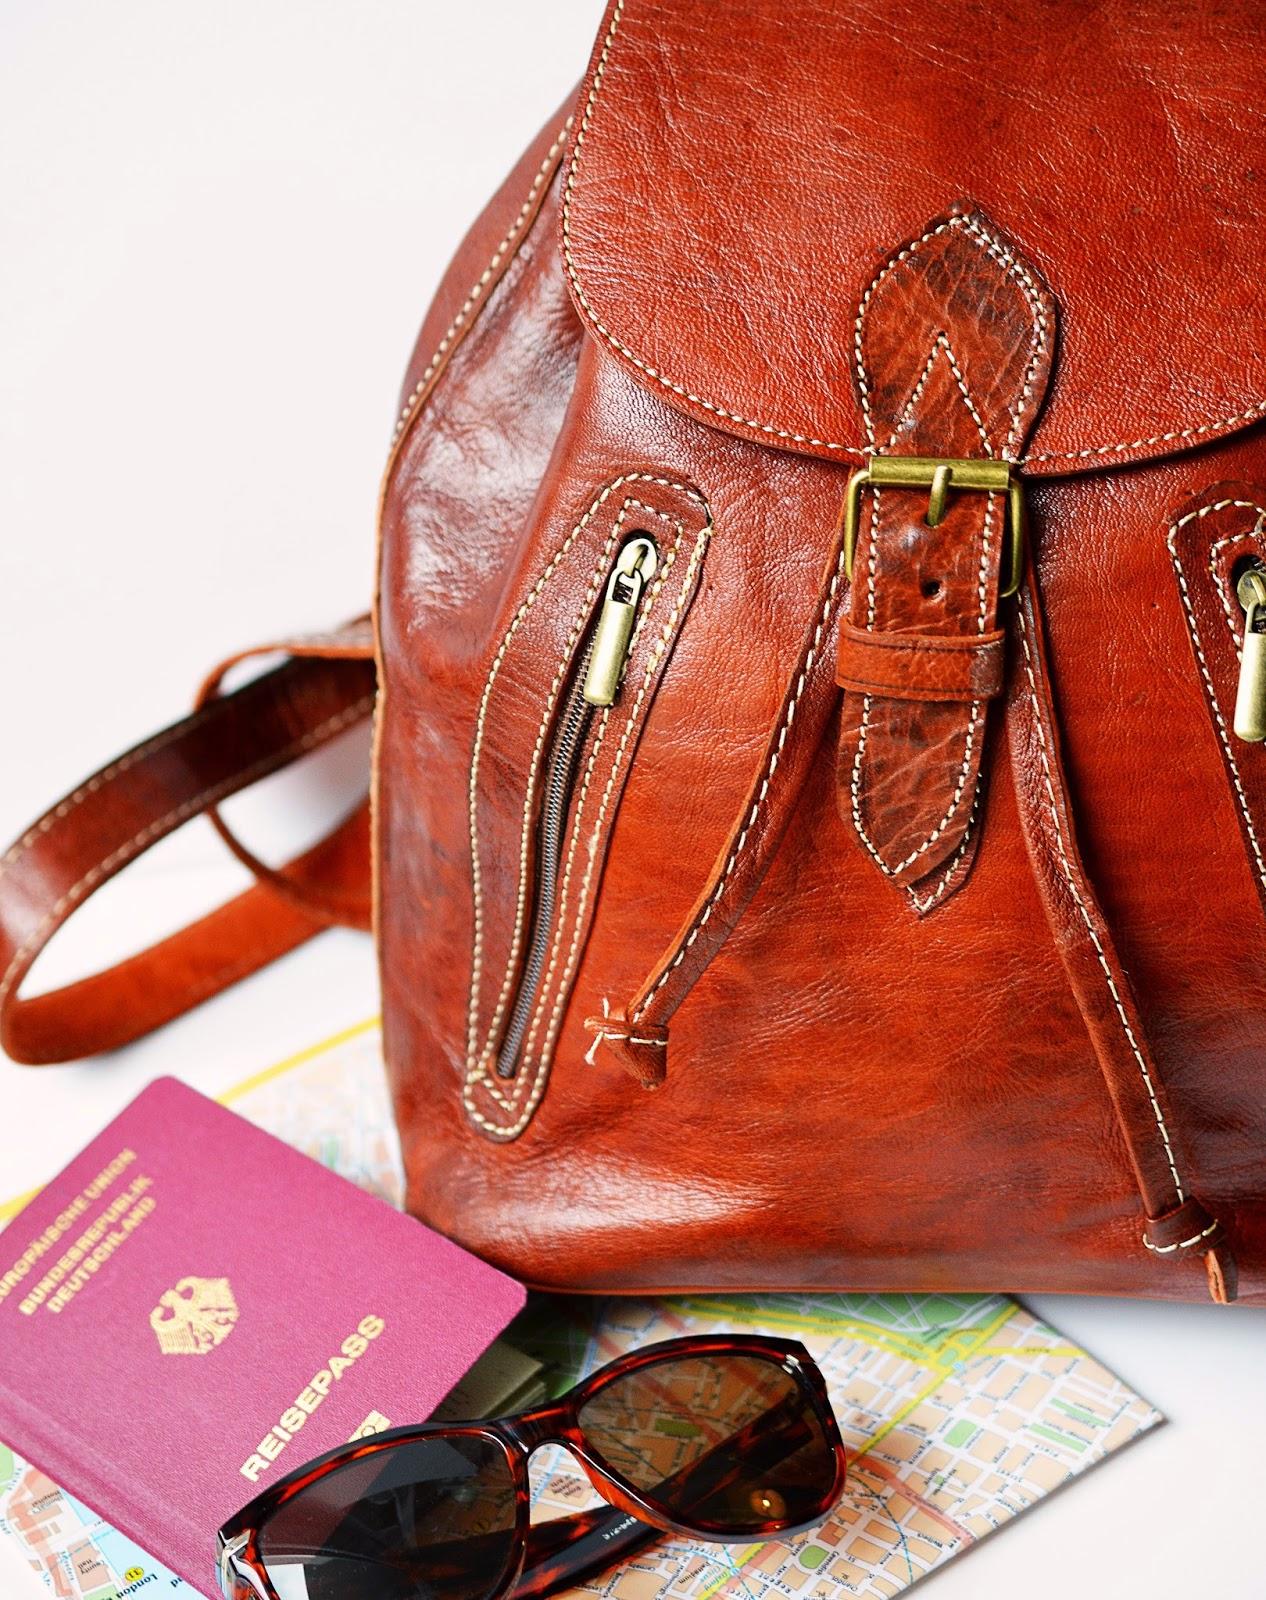 In-Flight Travel Essentials | Motte's Blog